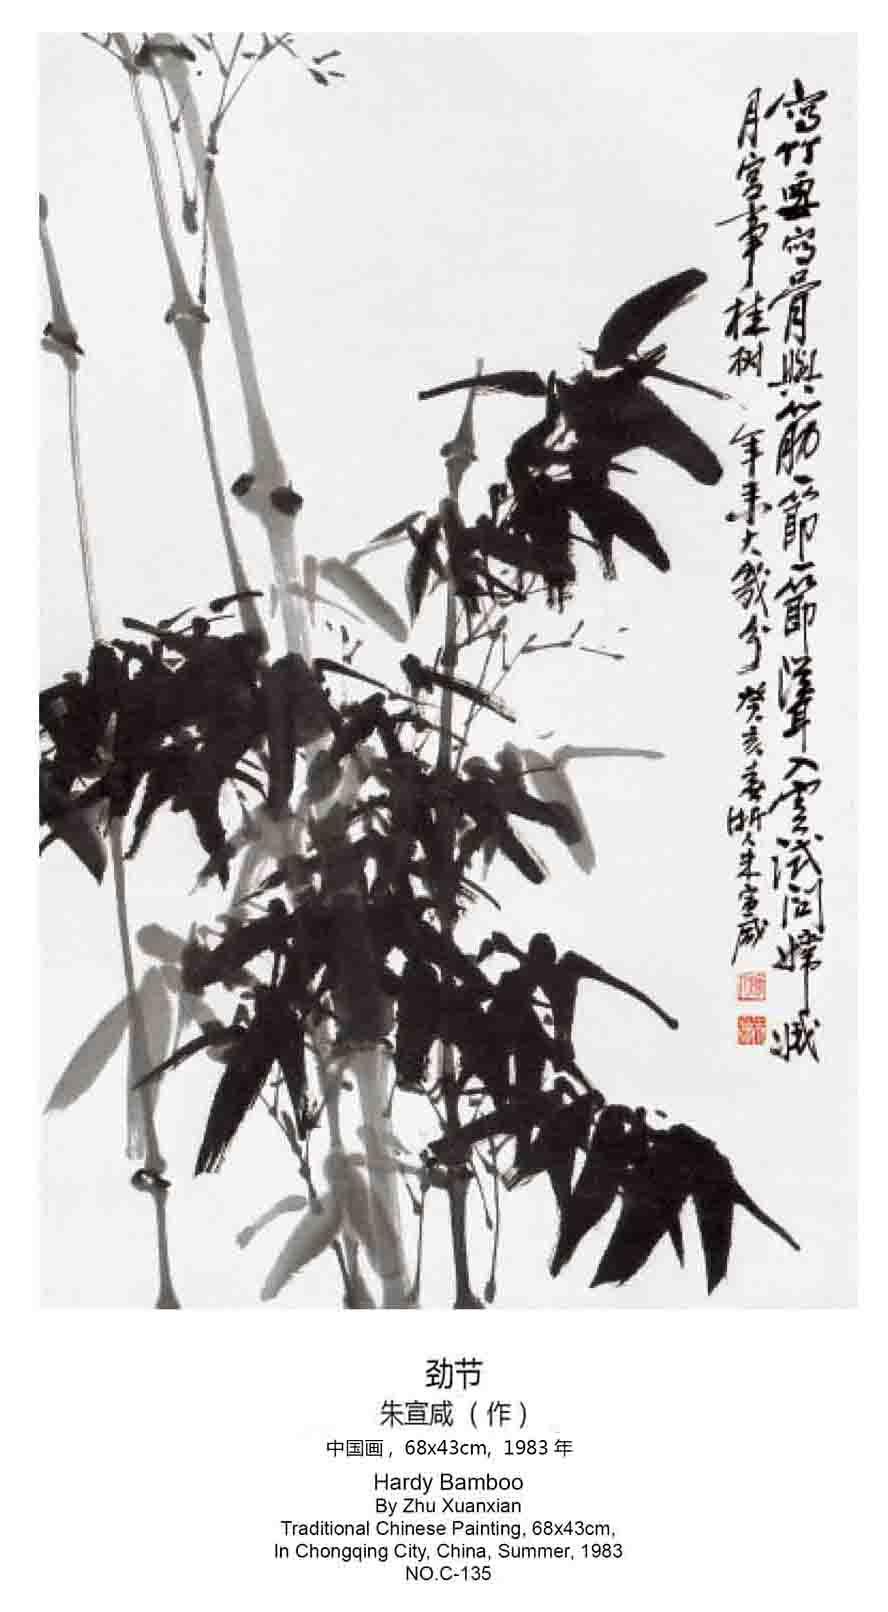 故当其他植物只有顶端的分生组织在生长时,竹子却每节都在同时生长